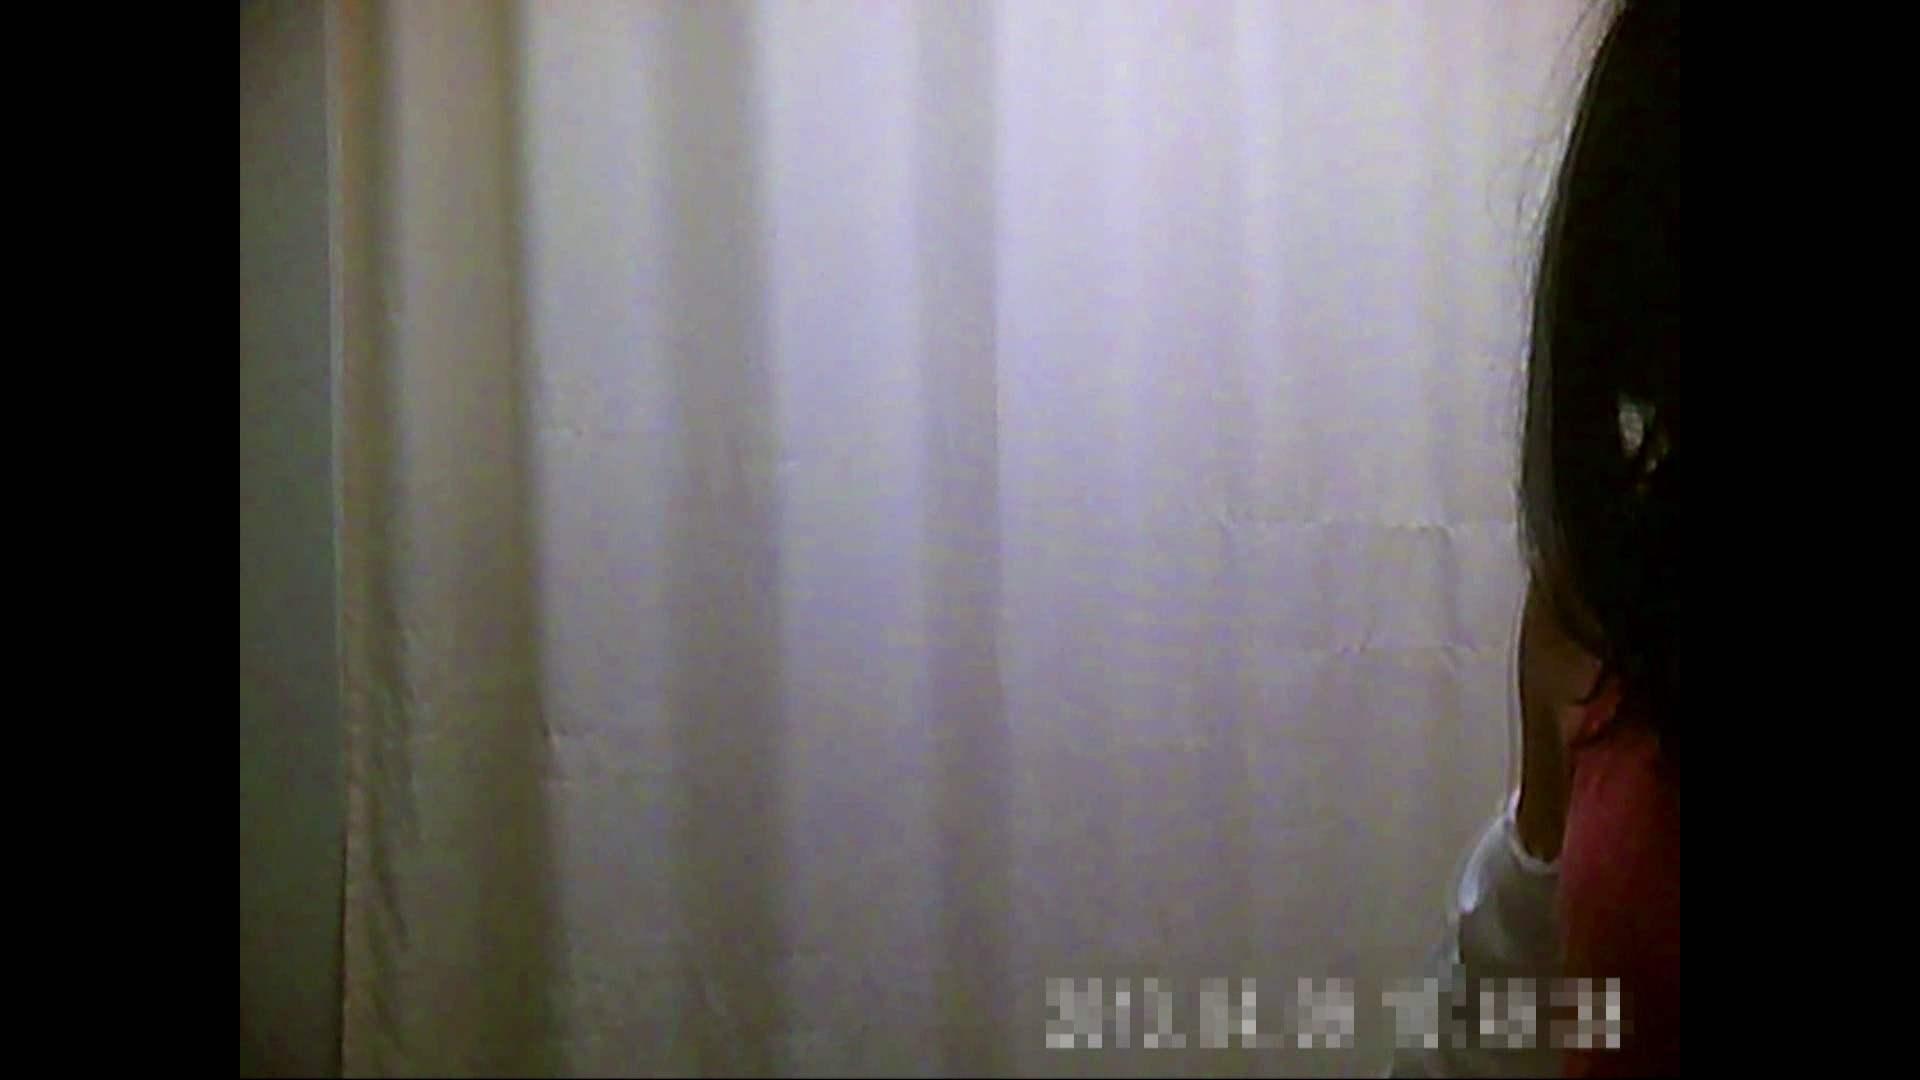 病院おもいっきり着替え! vol.199 盗撮師作品 アダルト動画キャプチャ 96pic 87